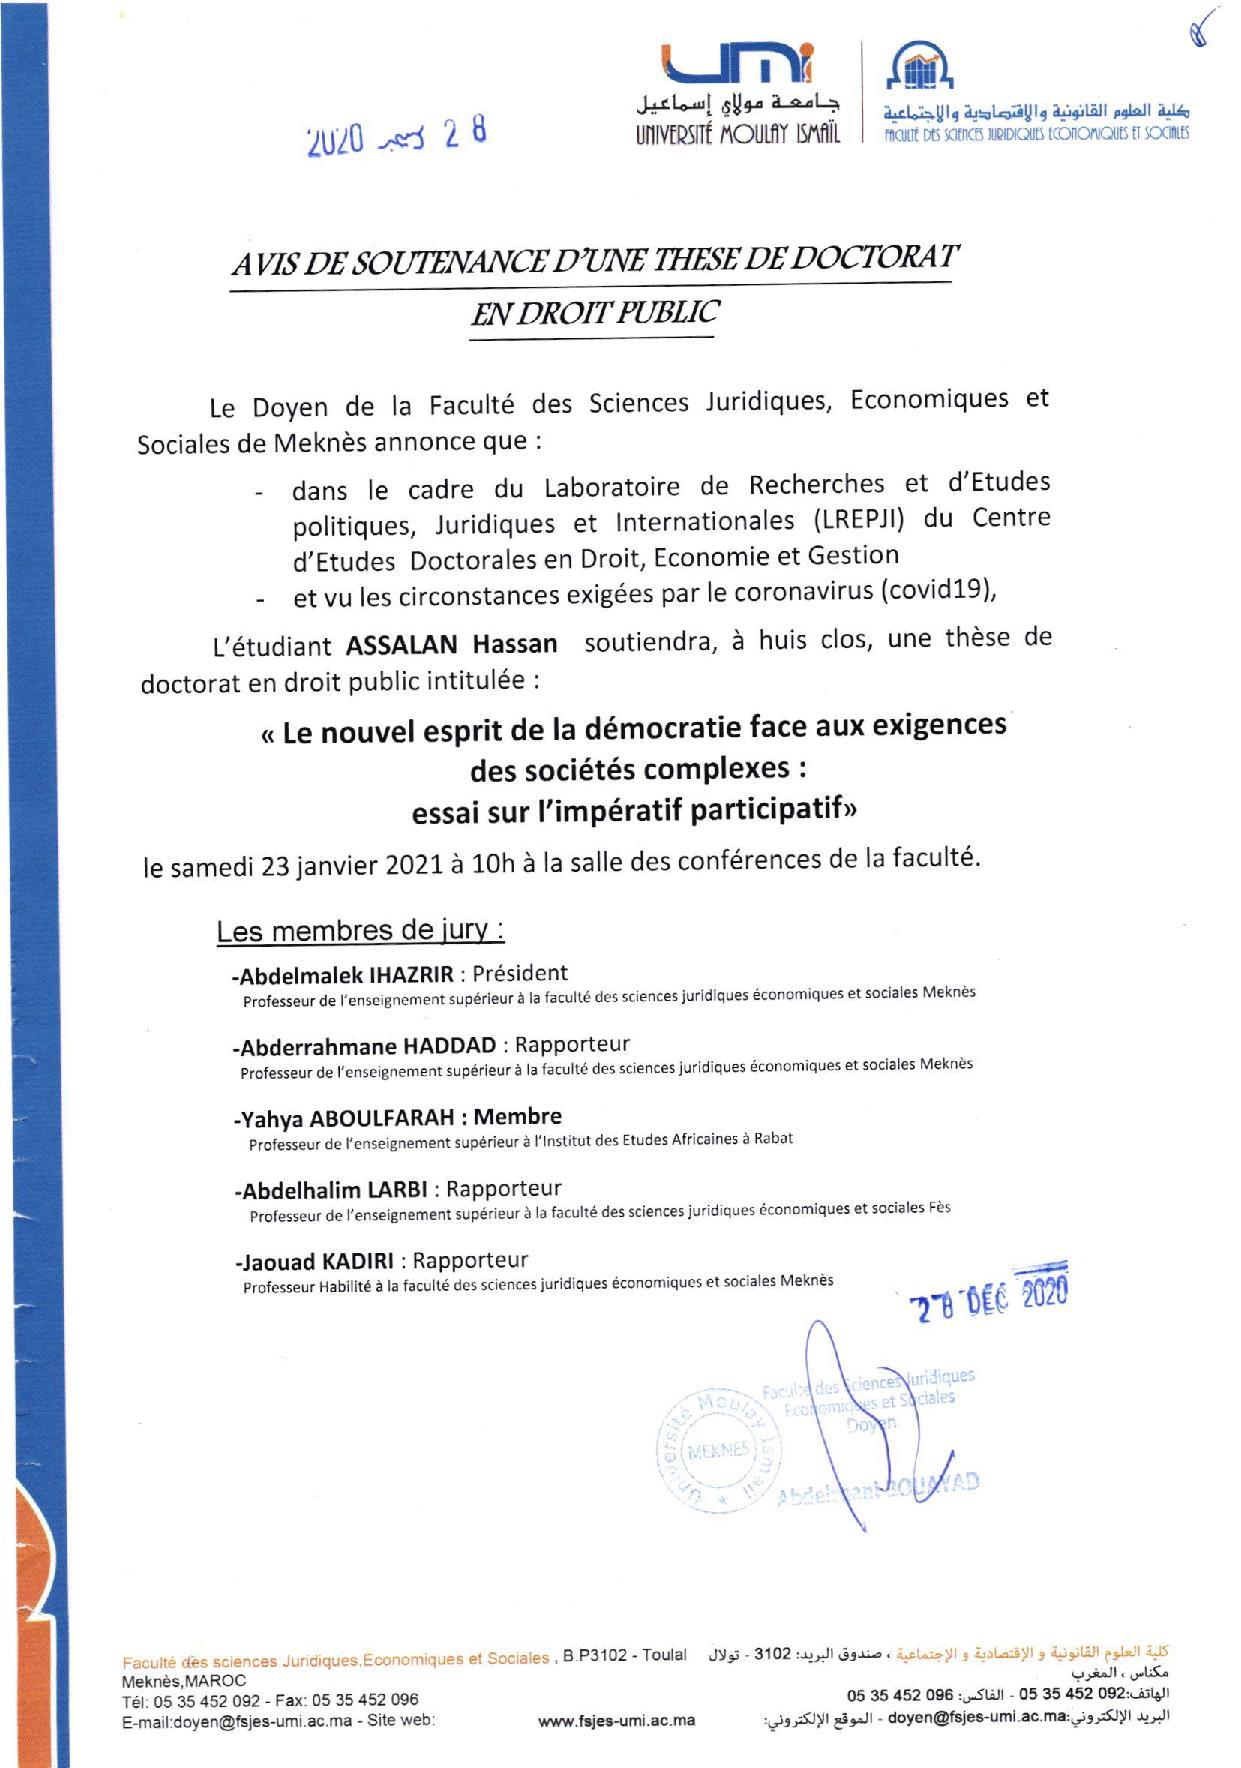 SOUTENANCE DE THÈSE DE DOCTORAT 23-01-2021